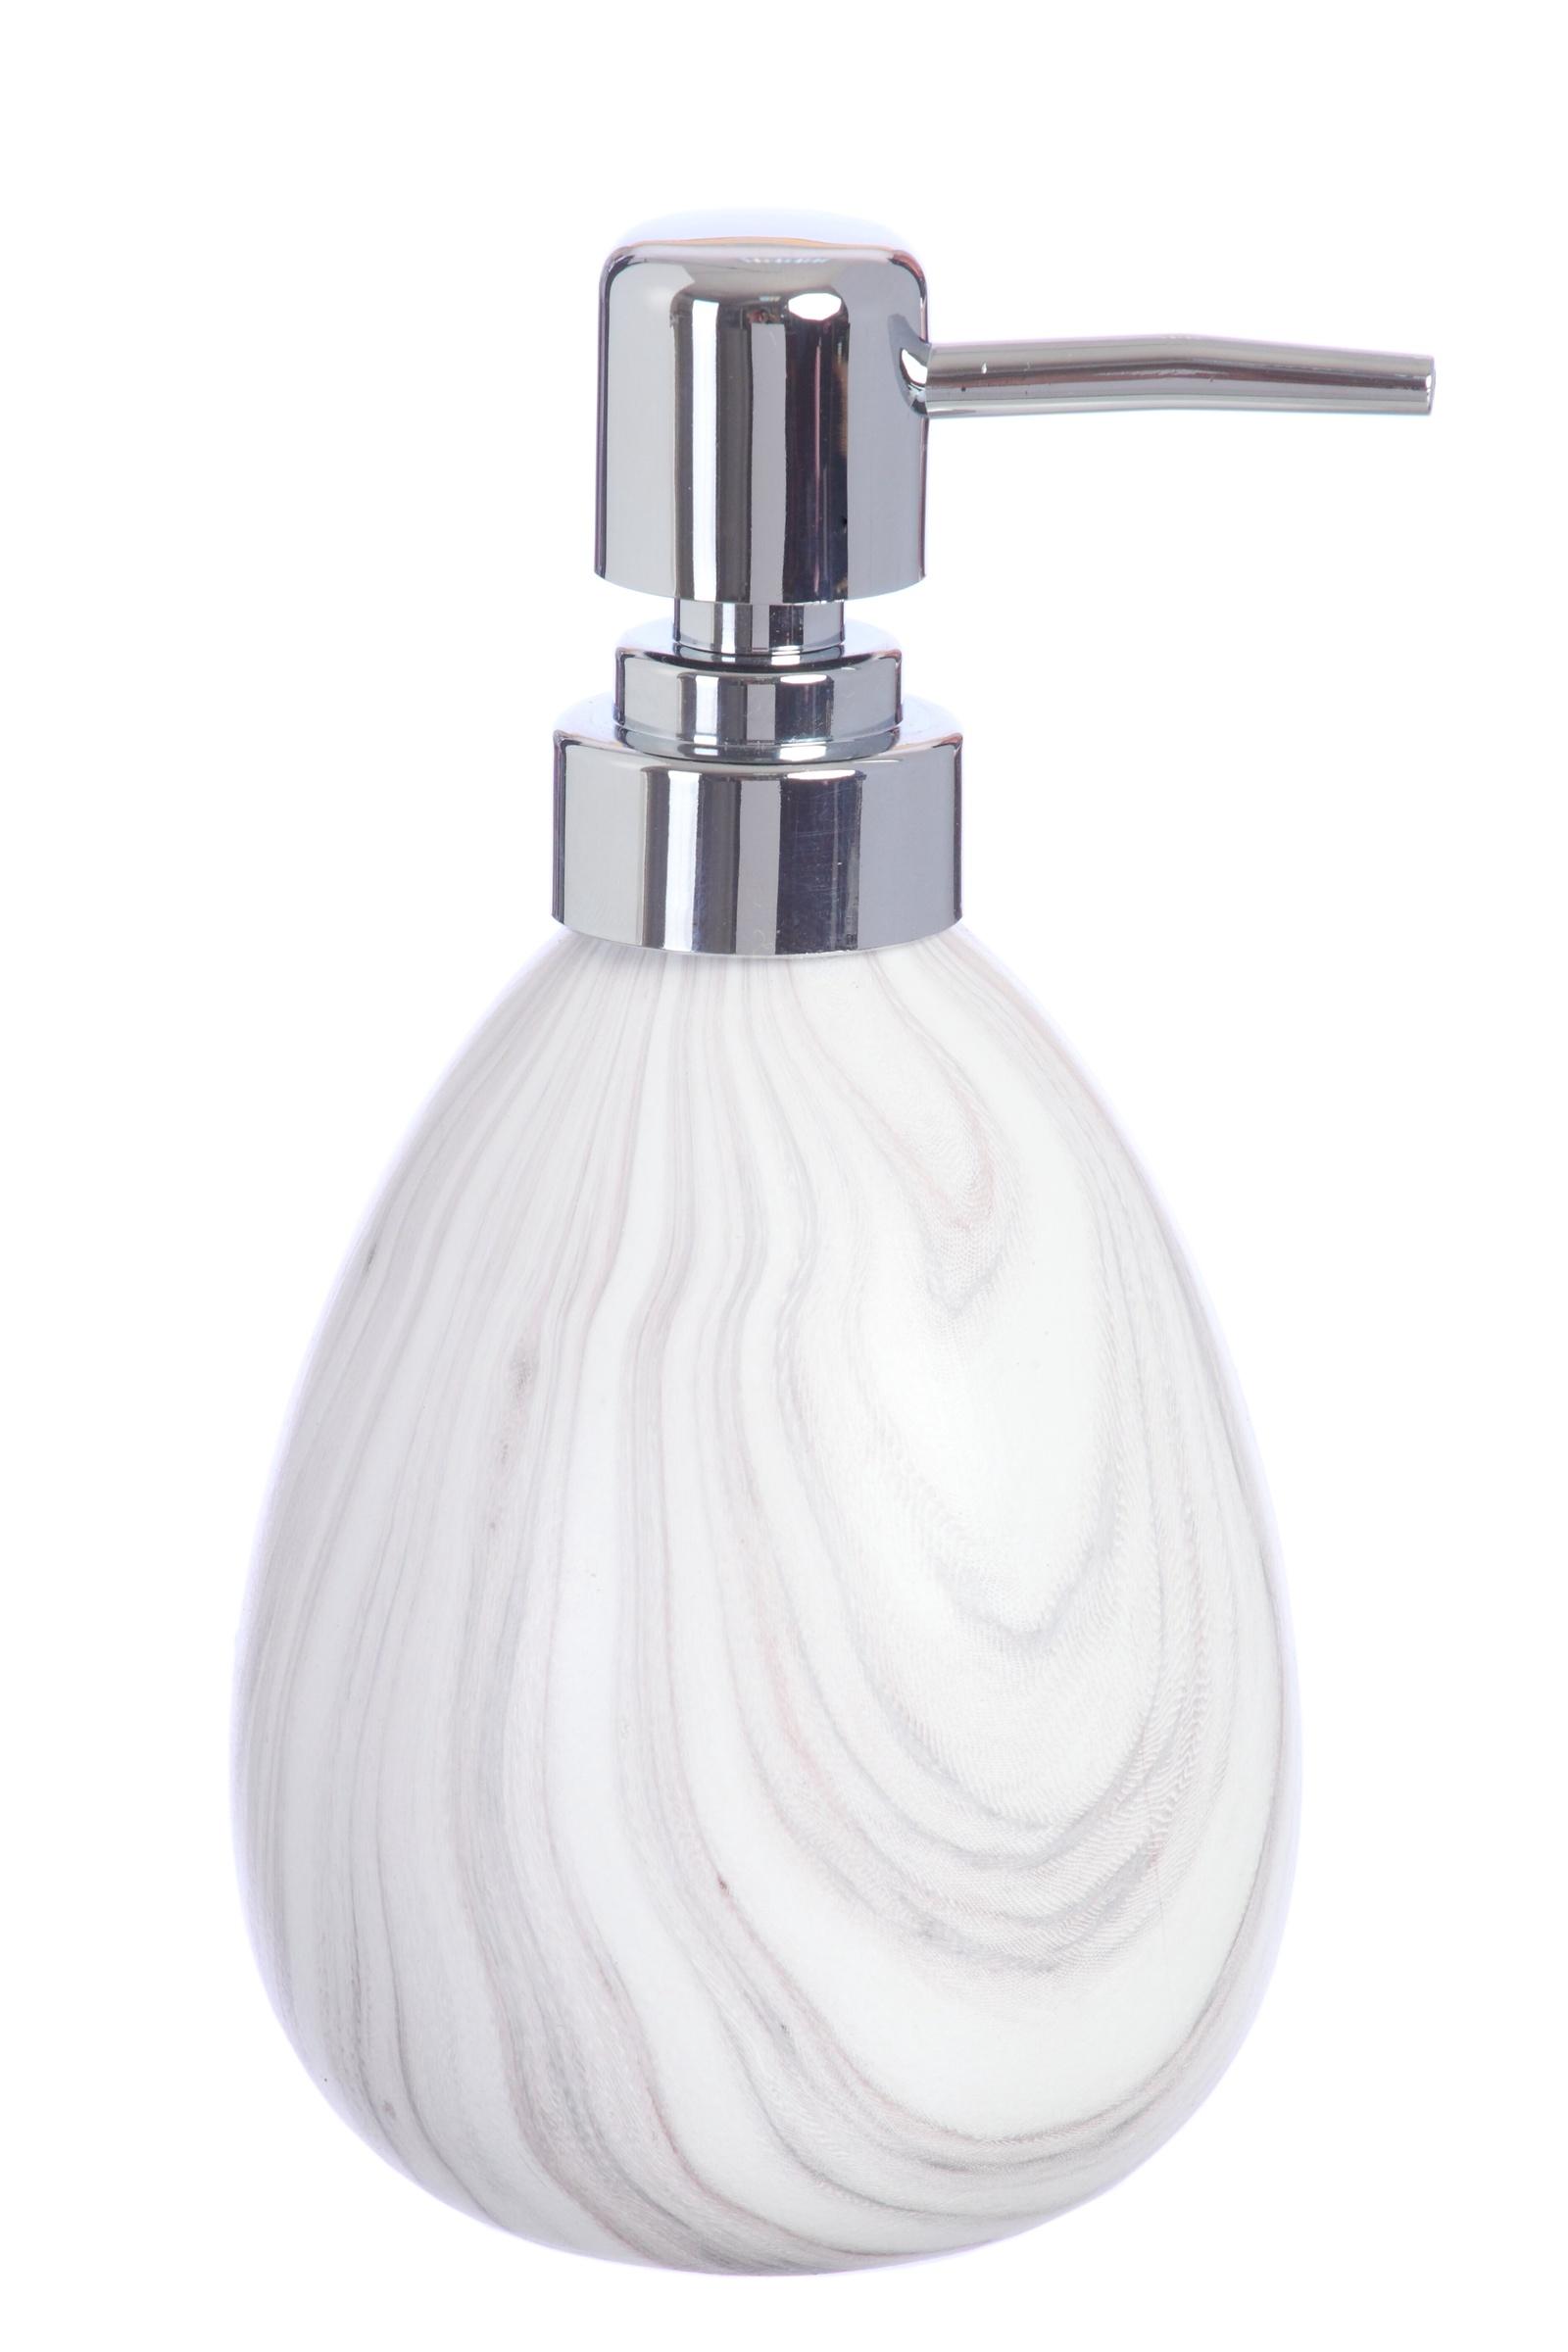 """Дозатор для мыла Vanstore Мрамор, бежевый400-03Дозатор """"Мрамор белый"""" выполнен из керамики с матовым покрытием. Утонченная форма предмета, благородный и гармоничный оттенок, в котором представлена коллекция, украсит Вашу ванную комнату. Объем дозатора: 400 мл."""